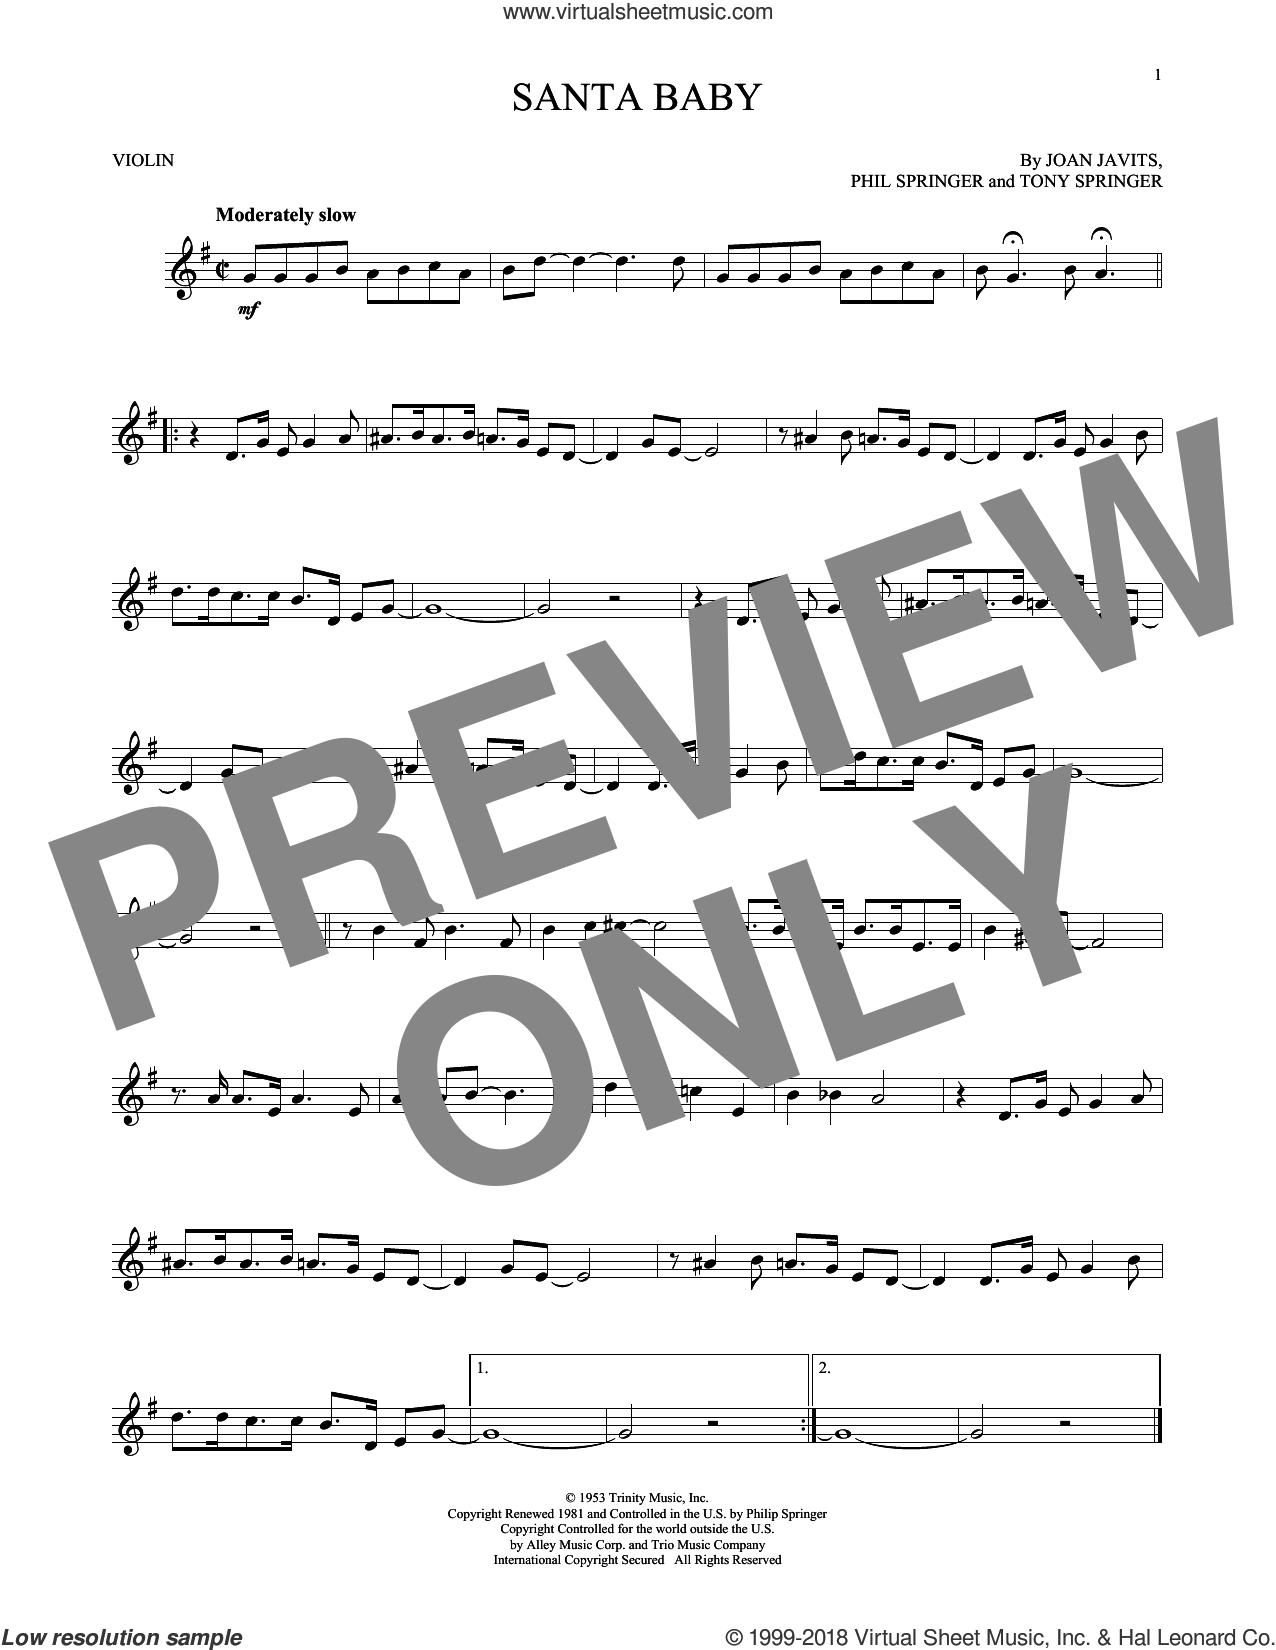 Santa Baby sheet music for violin solo by Eartha Kitt, Kellie Pickler, Taylor Swift, Joan Javits, Phil Springer and Tony Springer, intermediate skill level